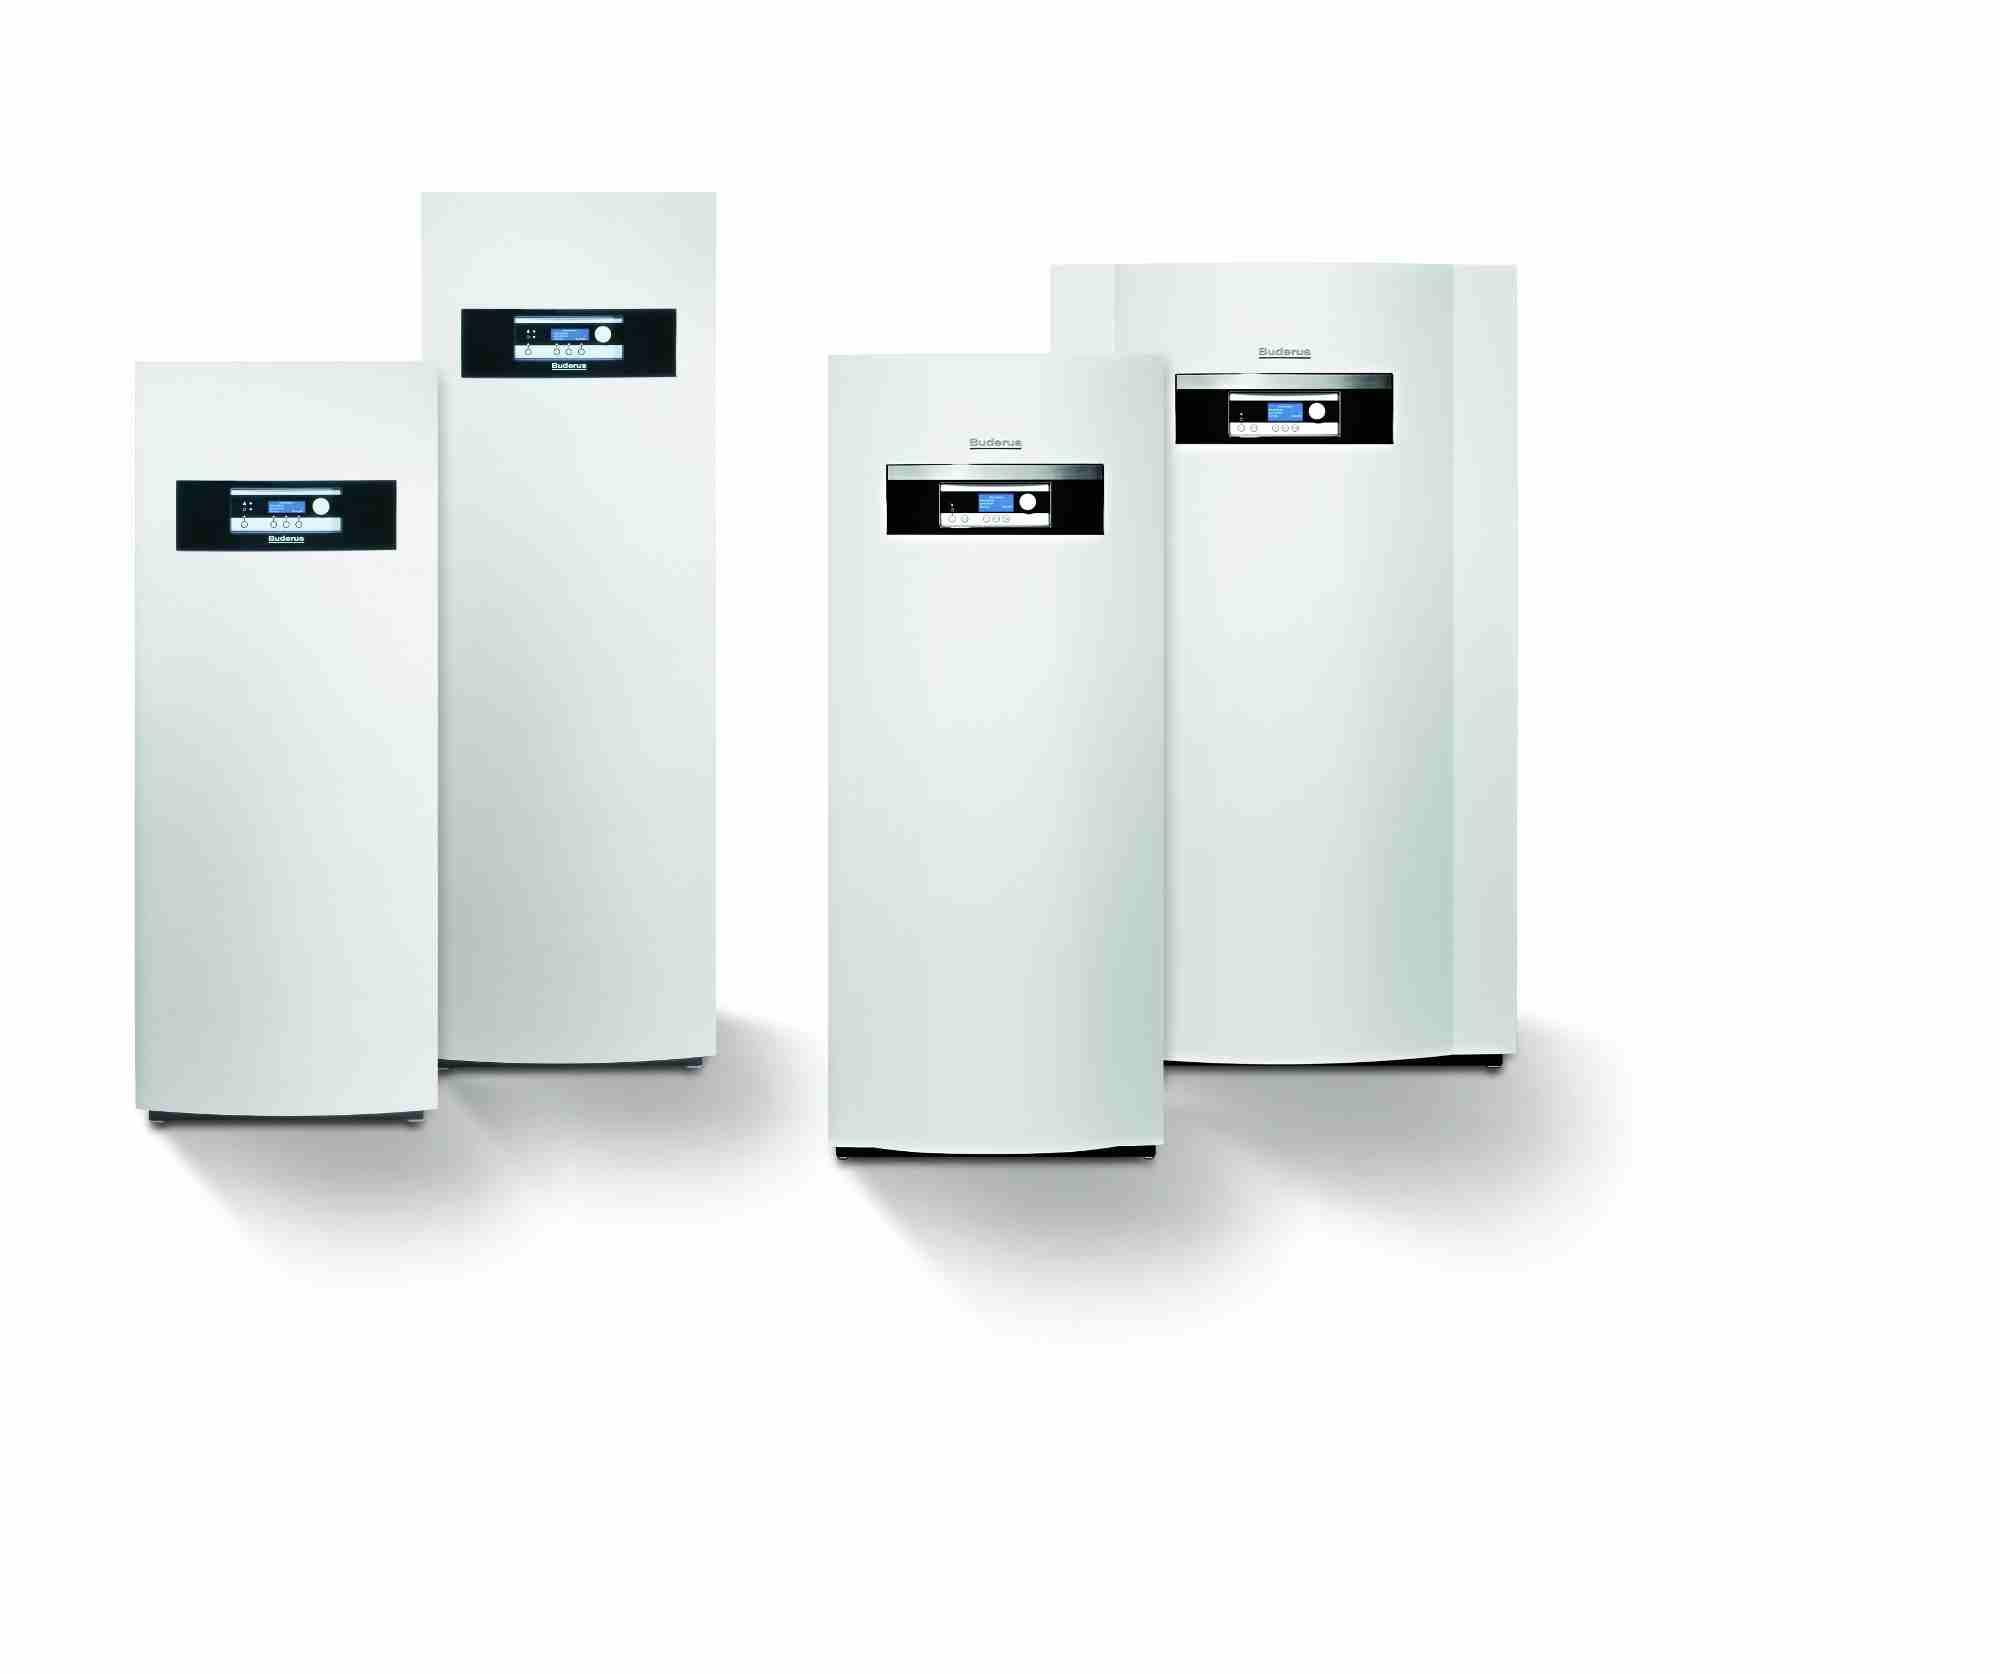 gasverbrauch warmwasser berechnen gasheizung erneuern energiesparen auch bei gas gasverbrauch. Black Bedroom Furniture Sets. Home Design Ideas